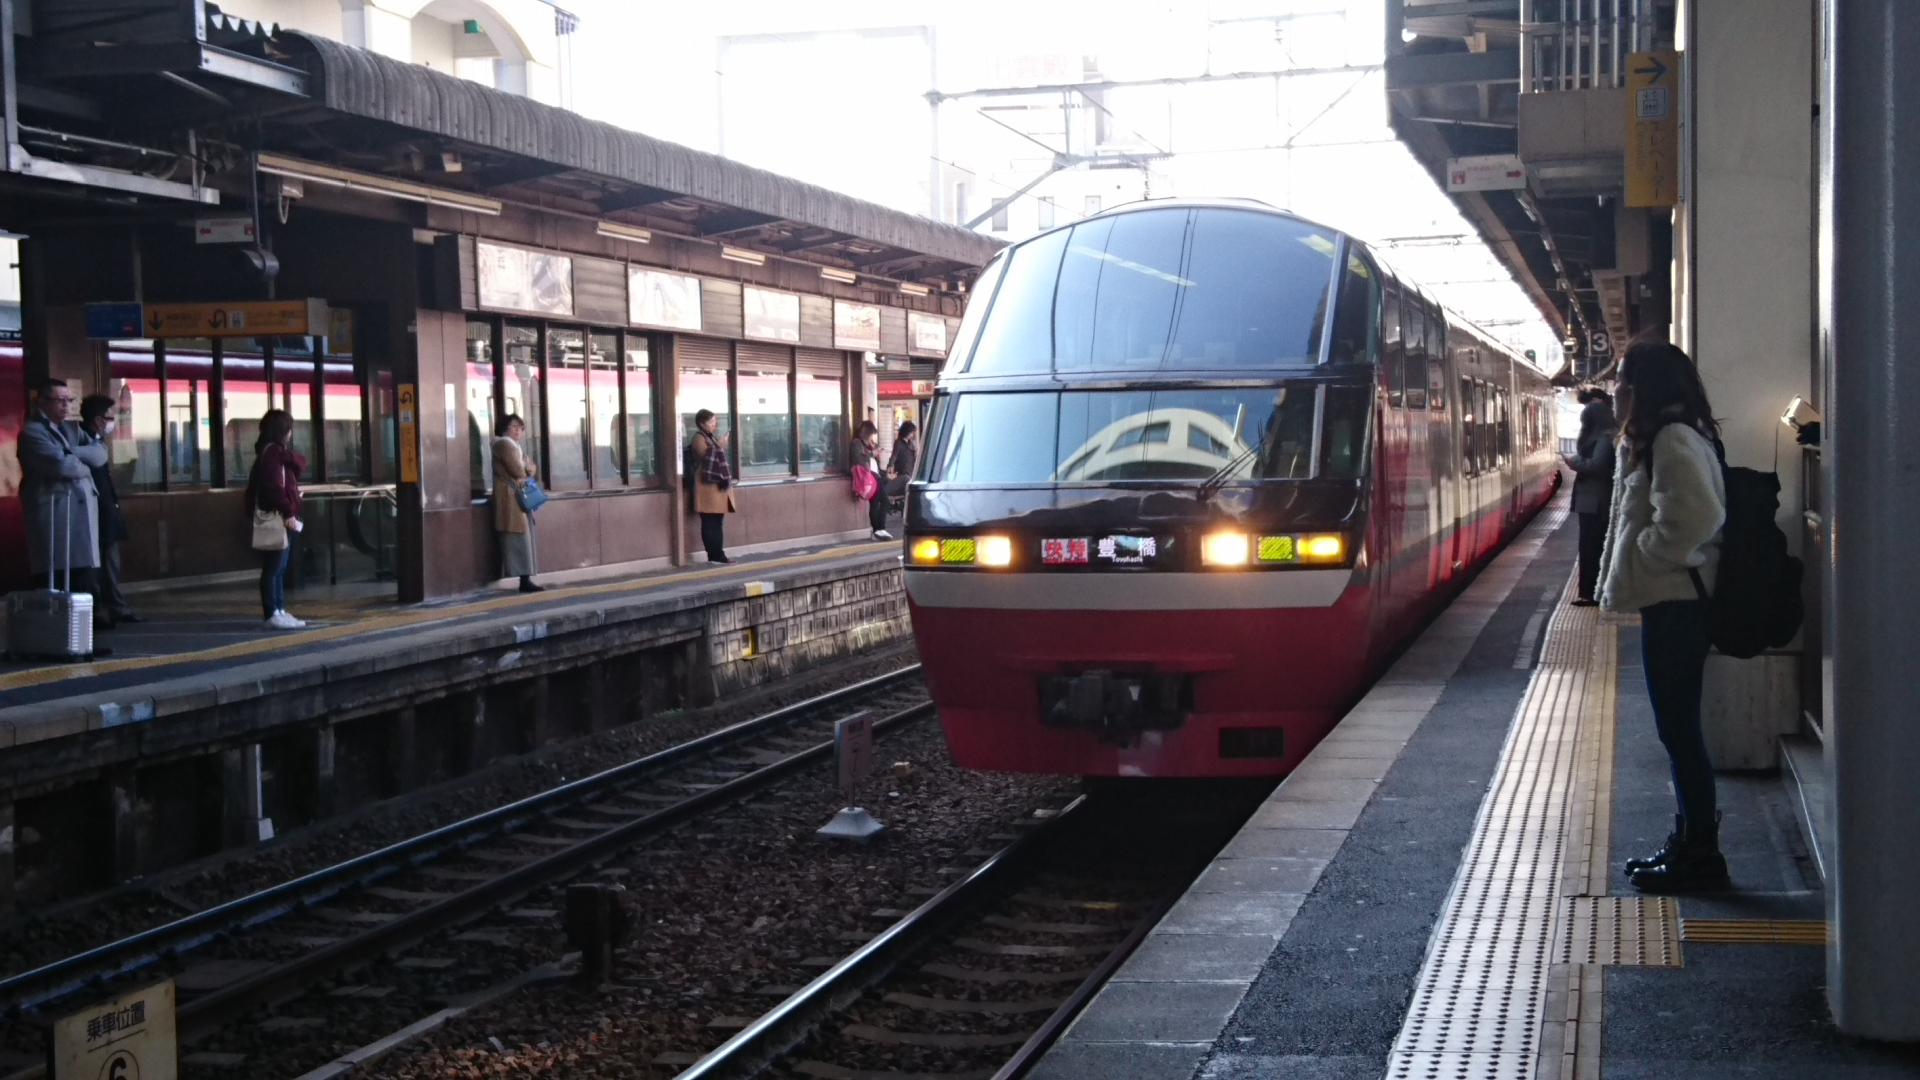 2018.2.23 東岡崎 (13) 東岡崎 - 豊橋いき快速特急 1920-1080